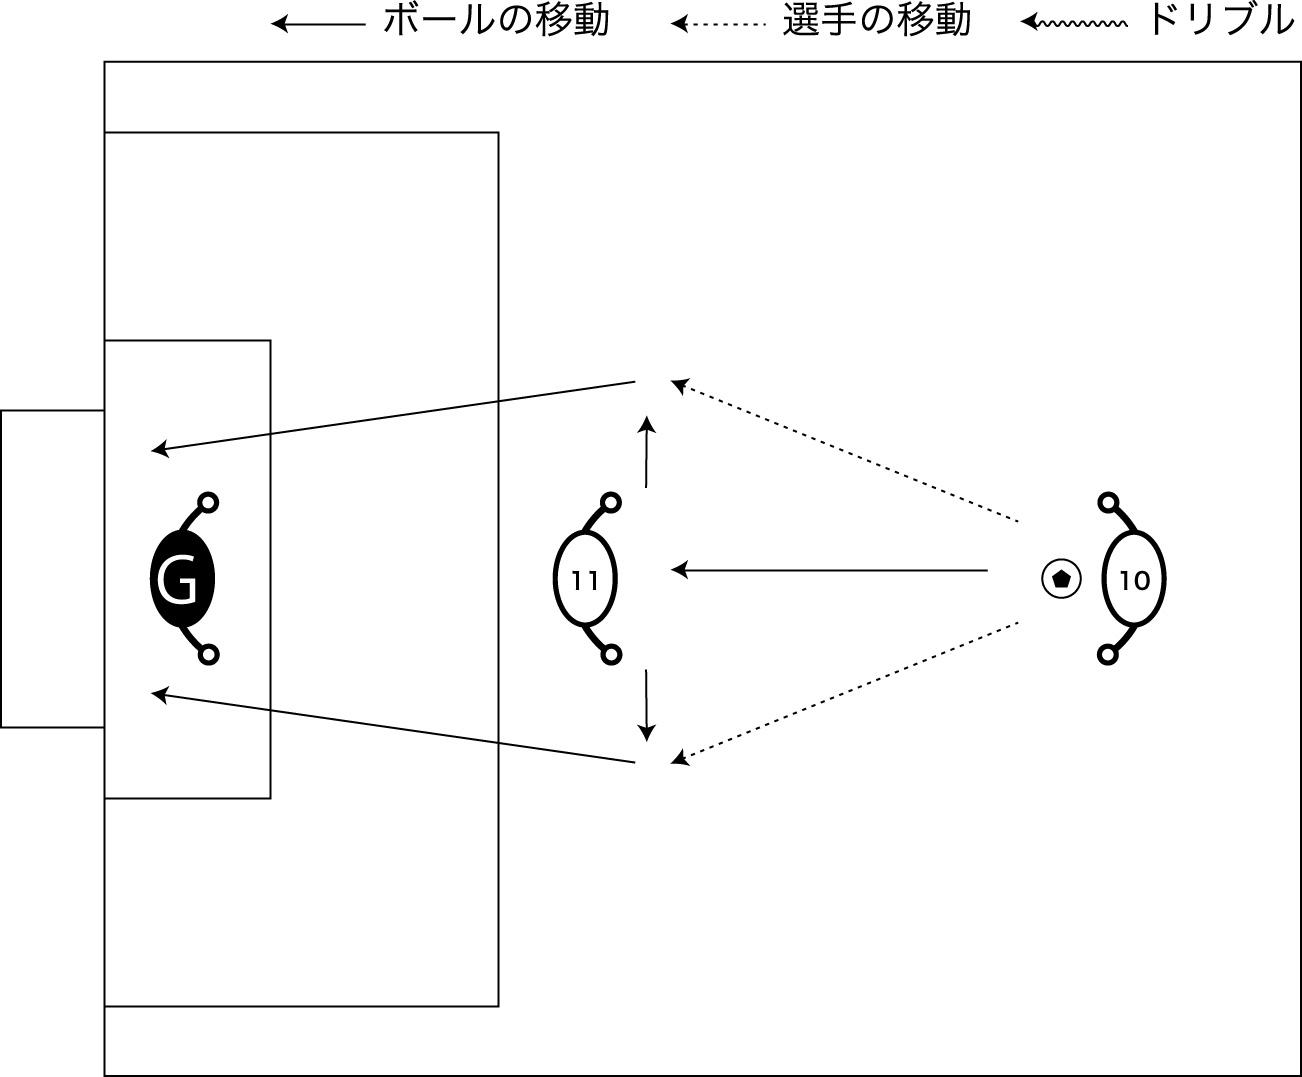 図解:ポストシュート